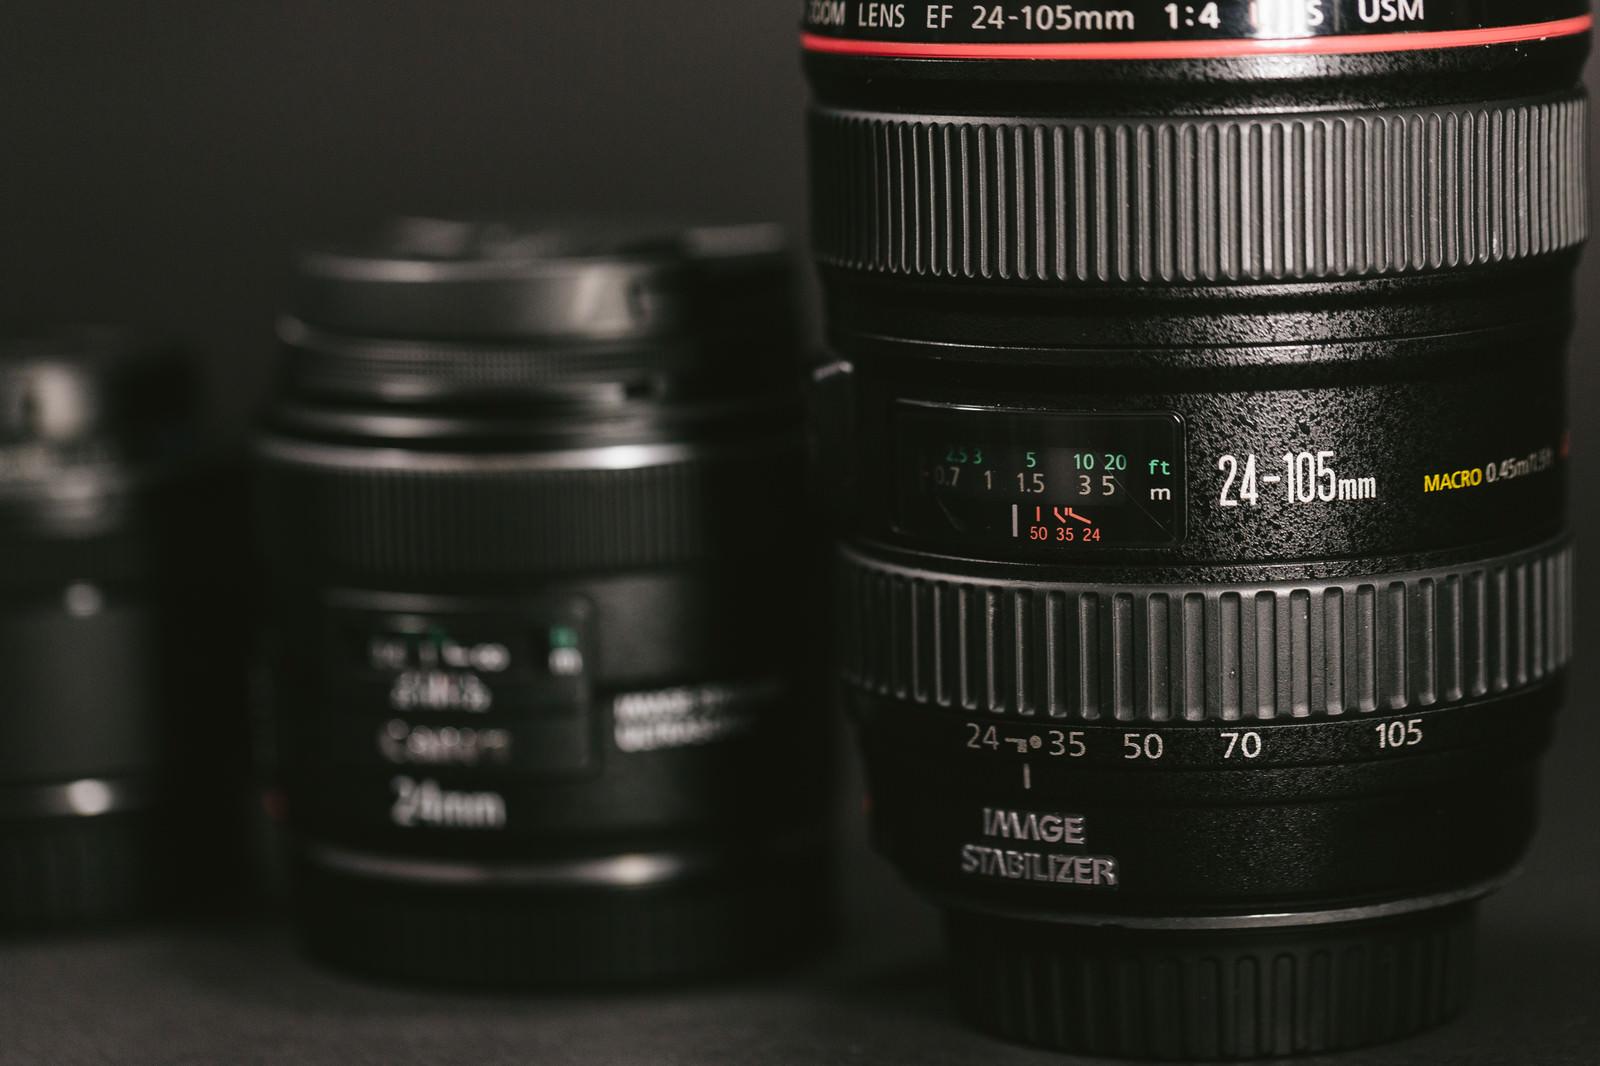 「24-105mmの標準ズームレンズ24-105mmの標準ズームレンズ」のフリー写真素材を拡大